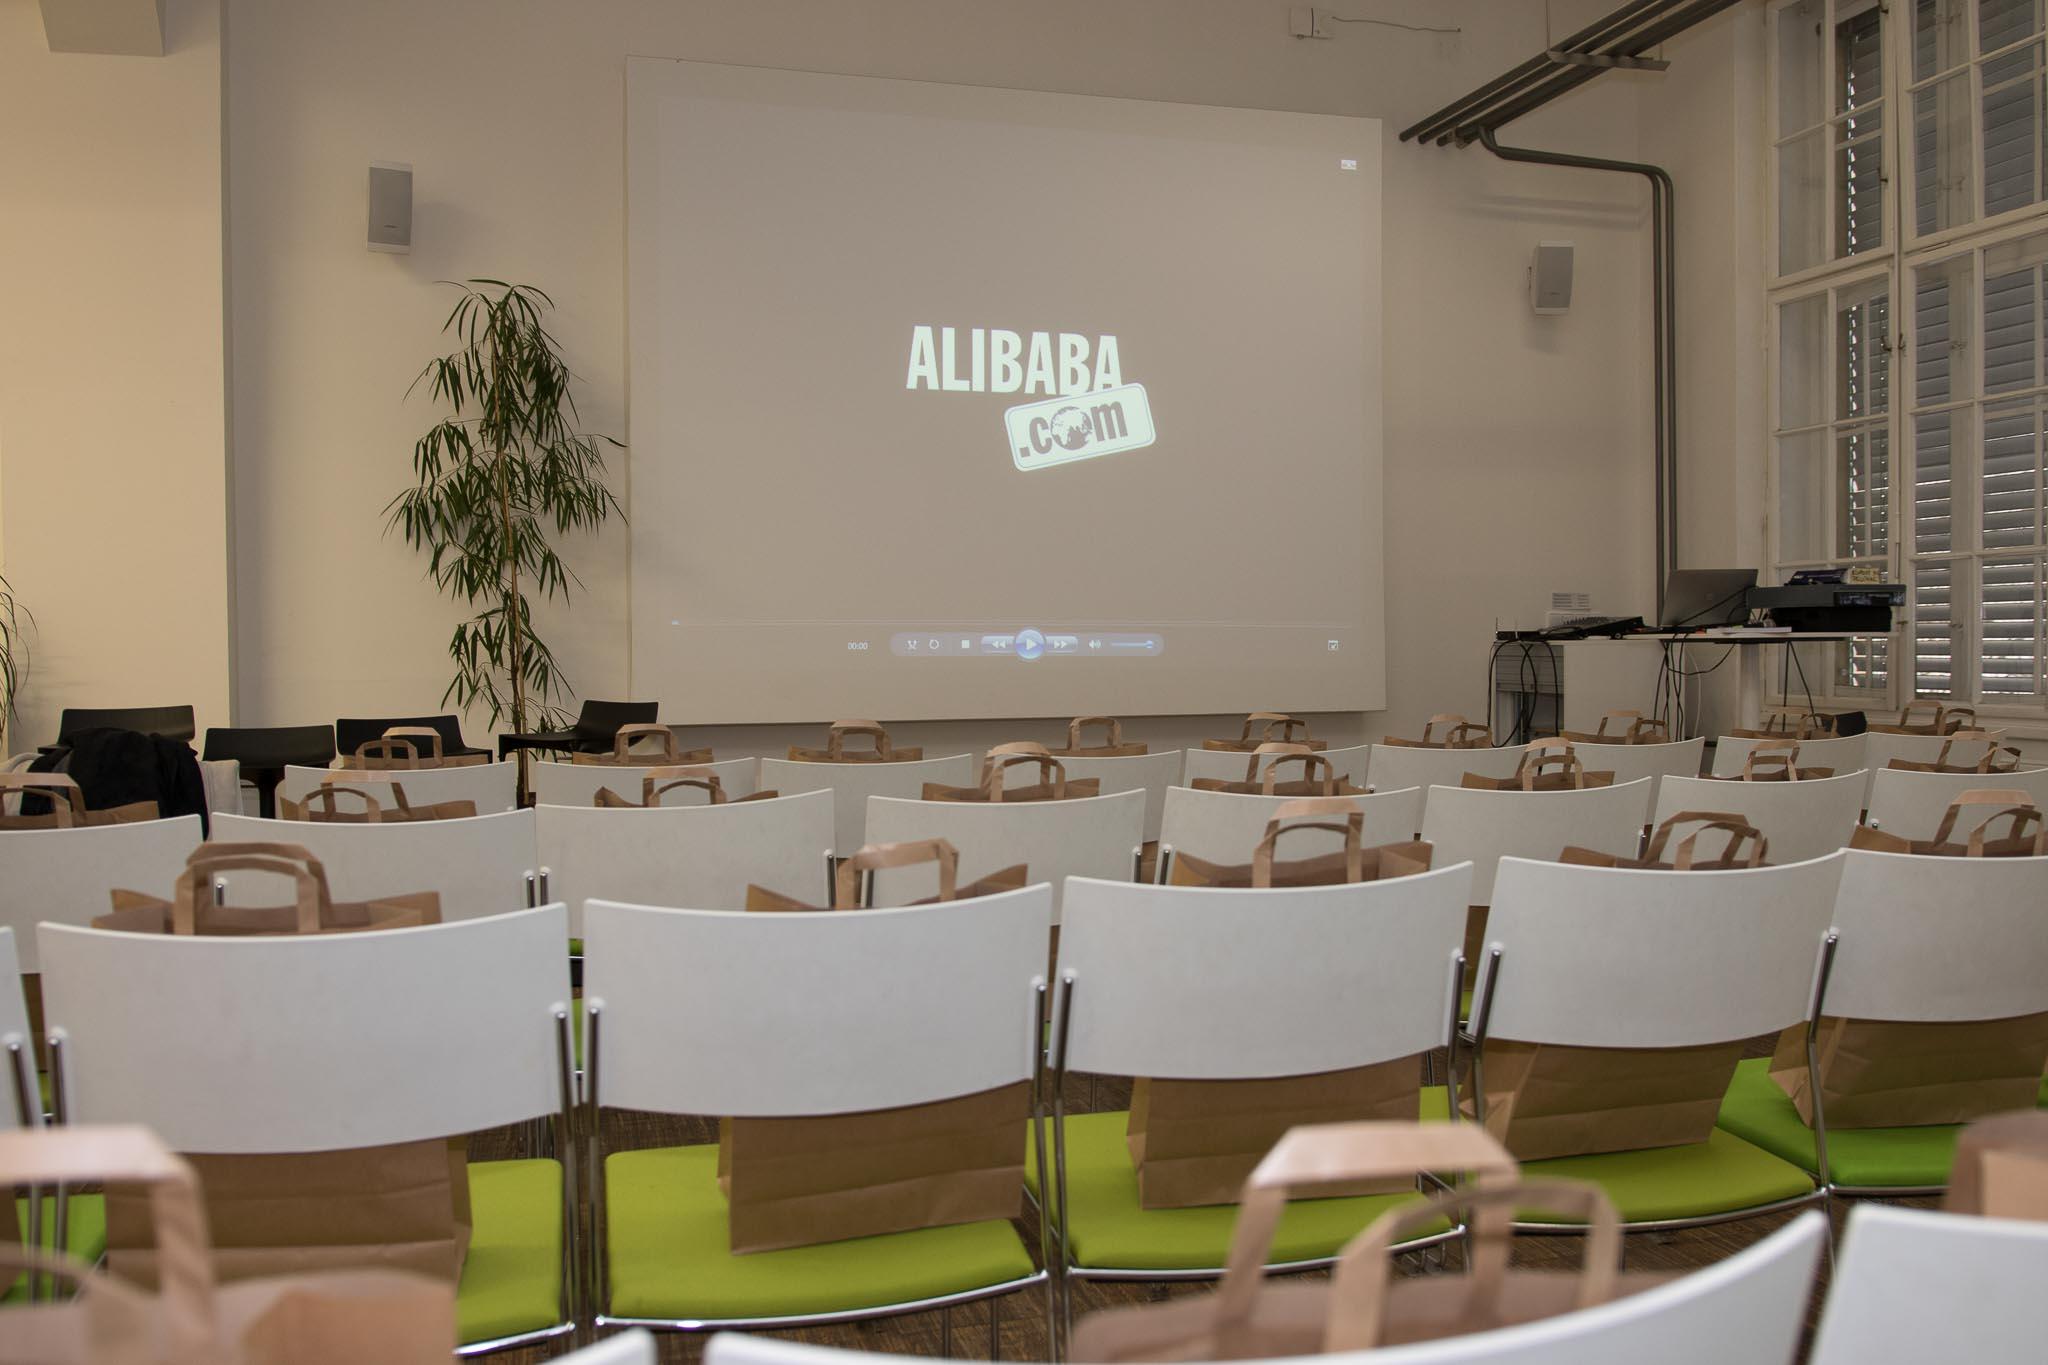 alibaba-krest-6-2